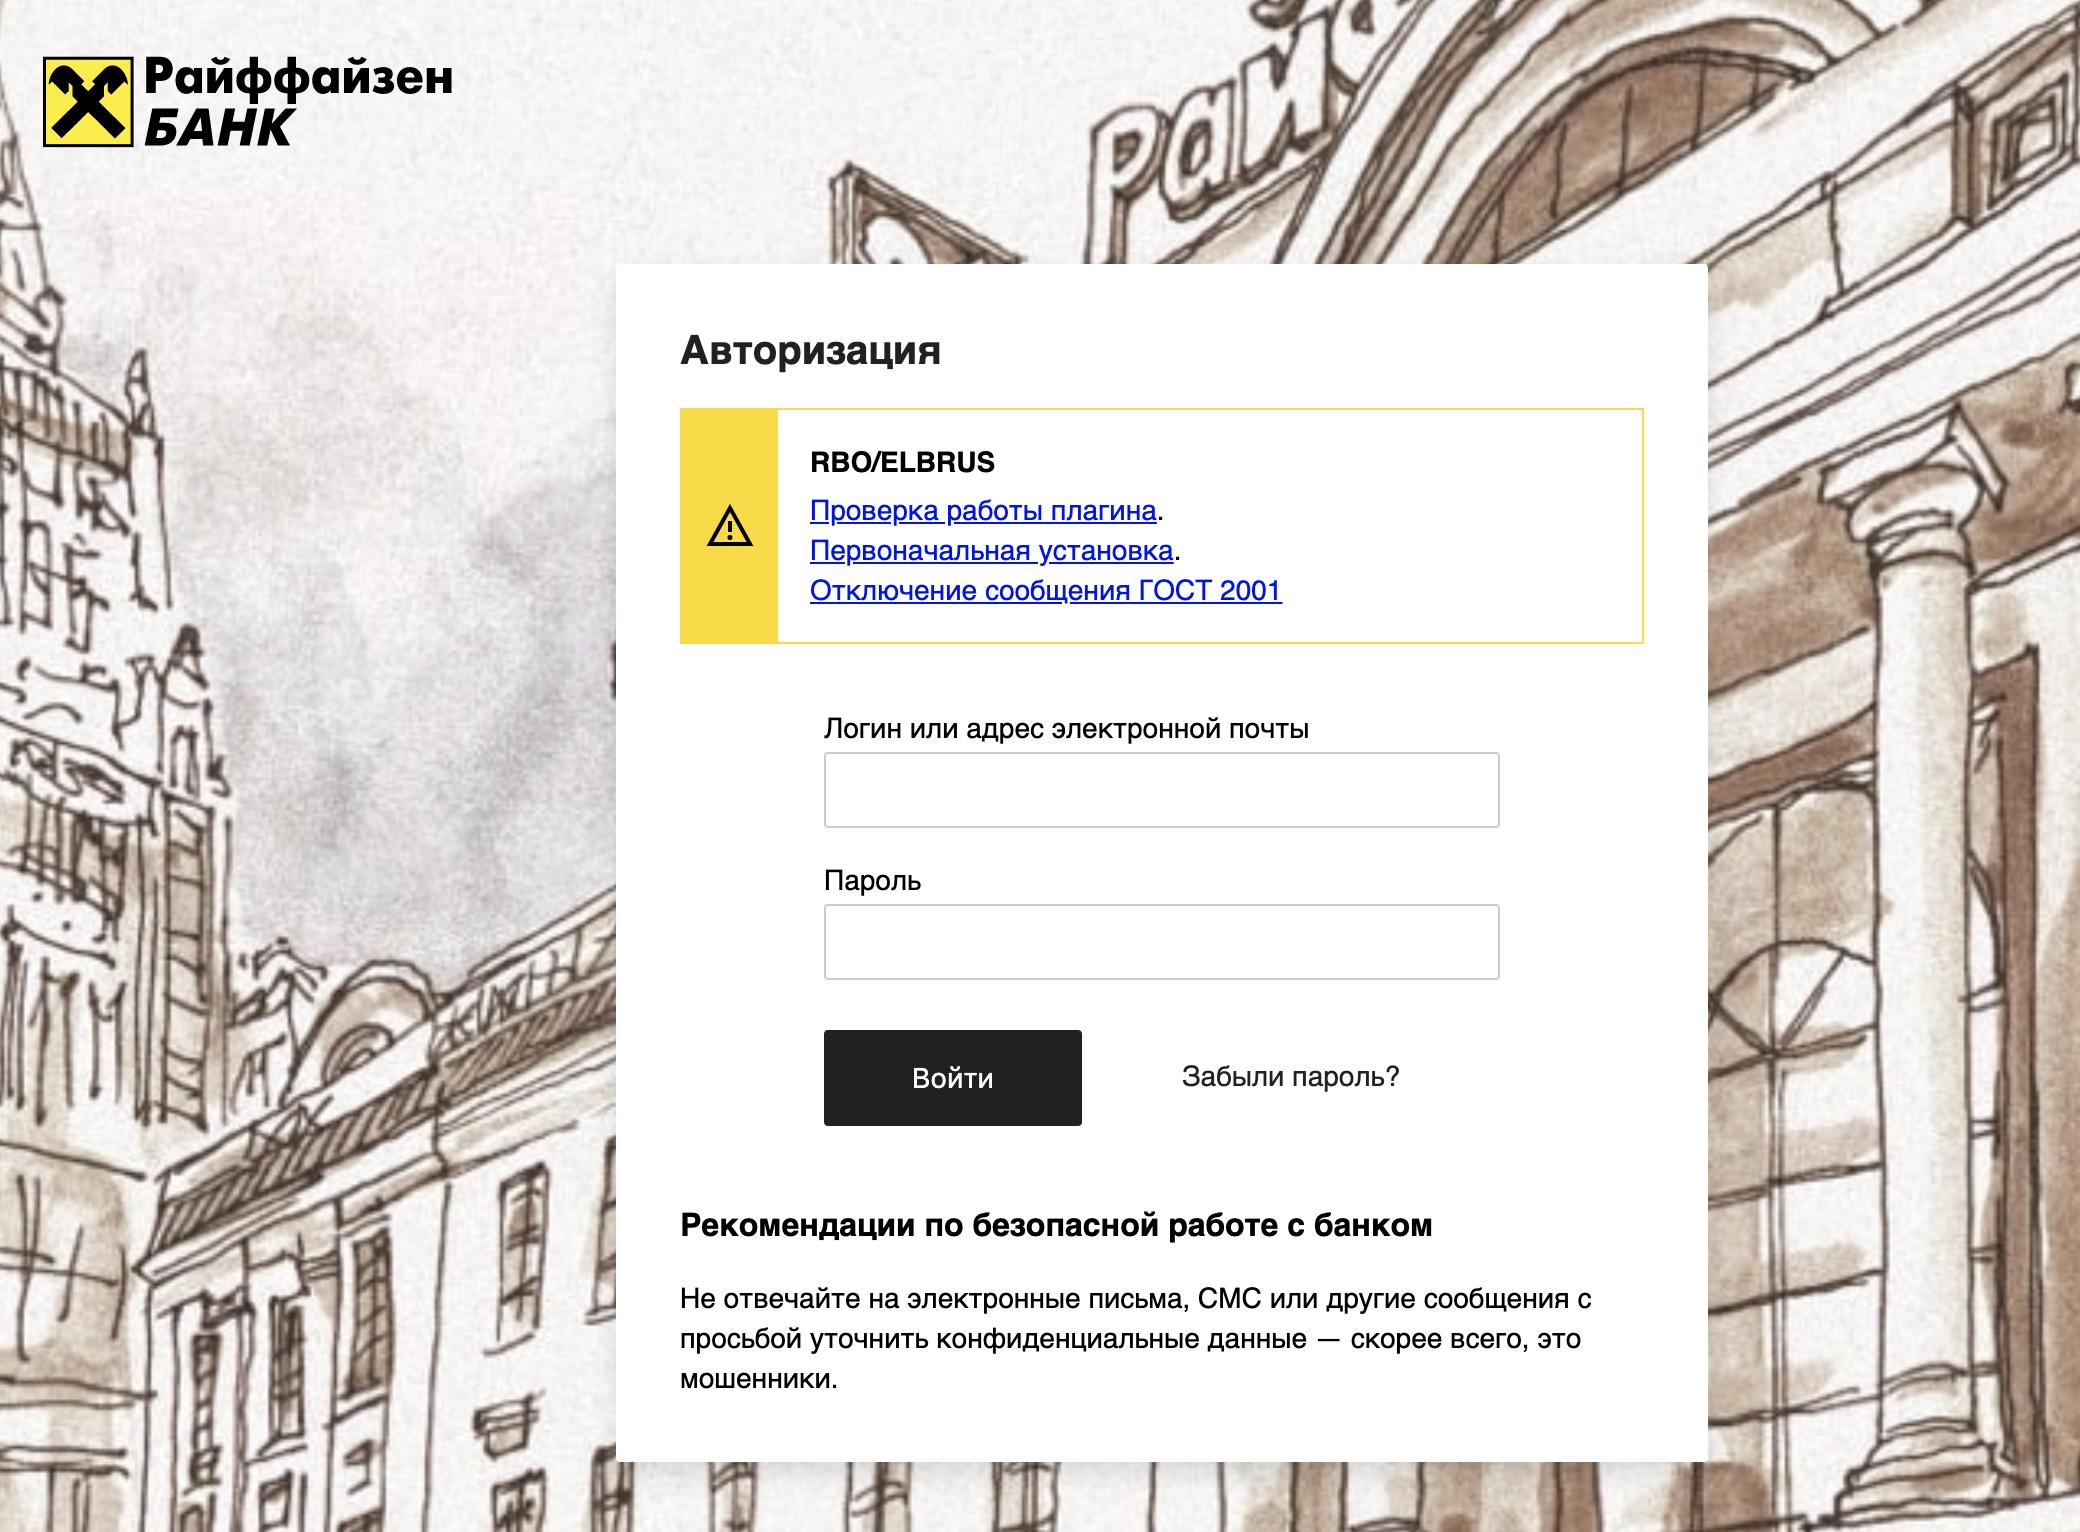 райфазенк банк онлайн рбо взять кредит со 100 одобрением без справок и поручителей